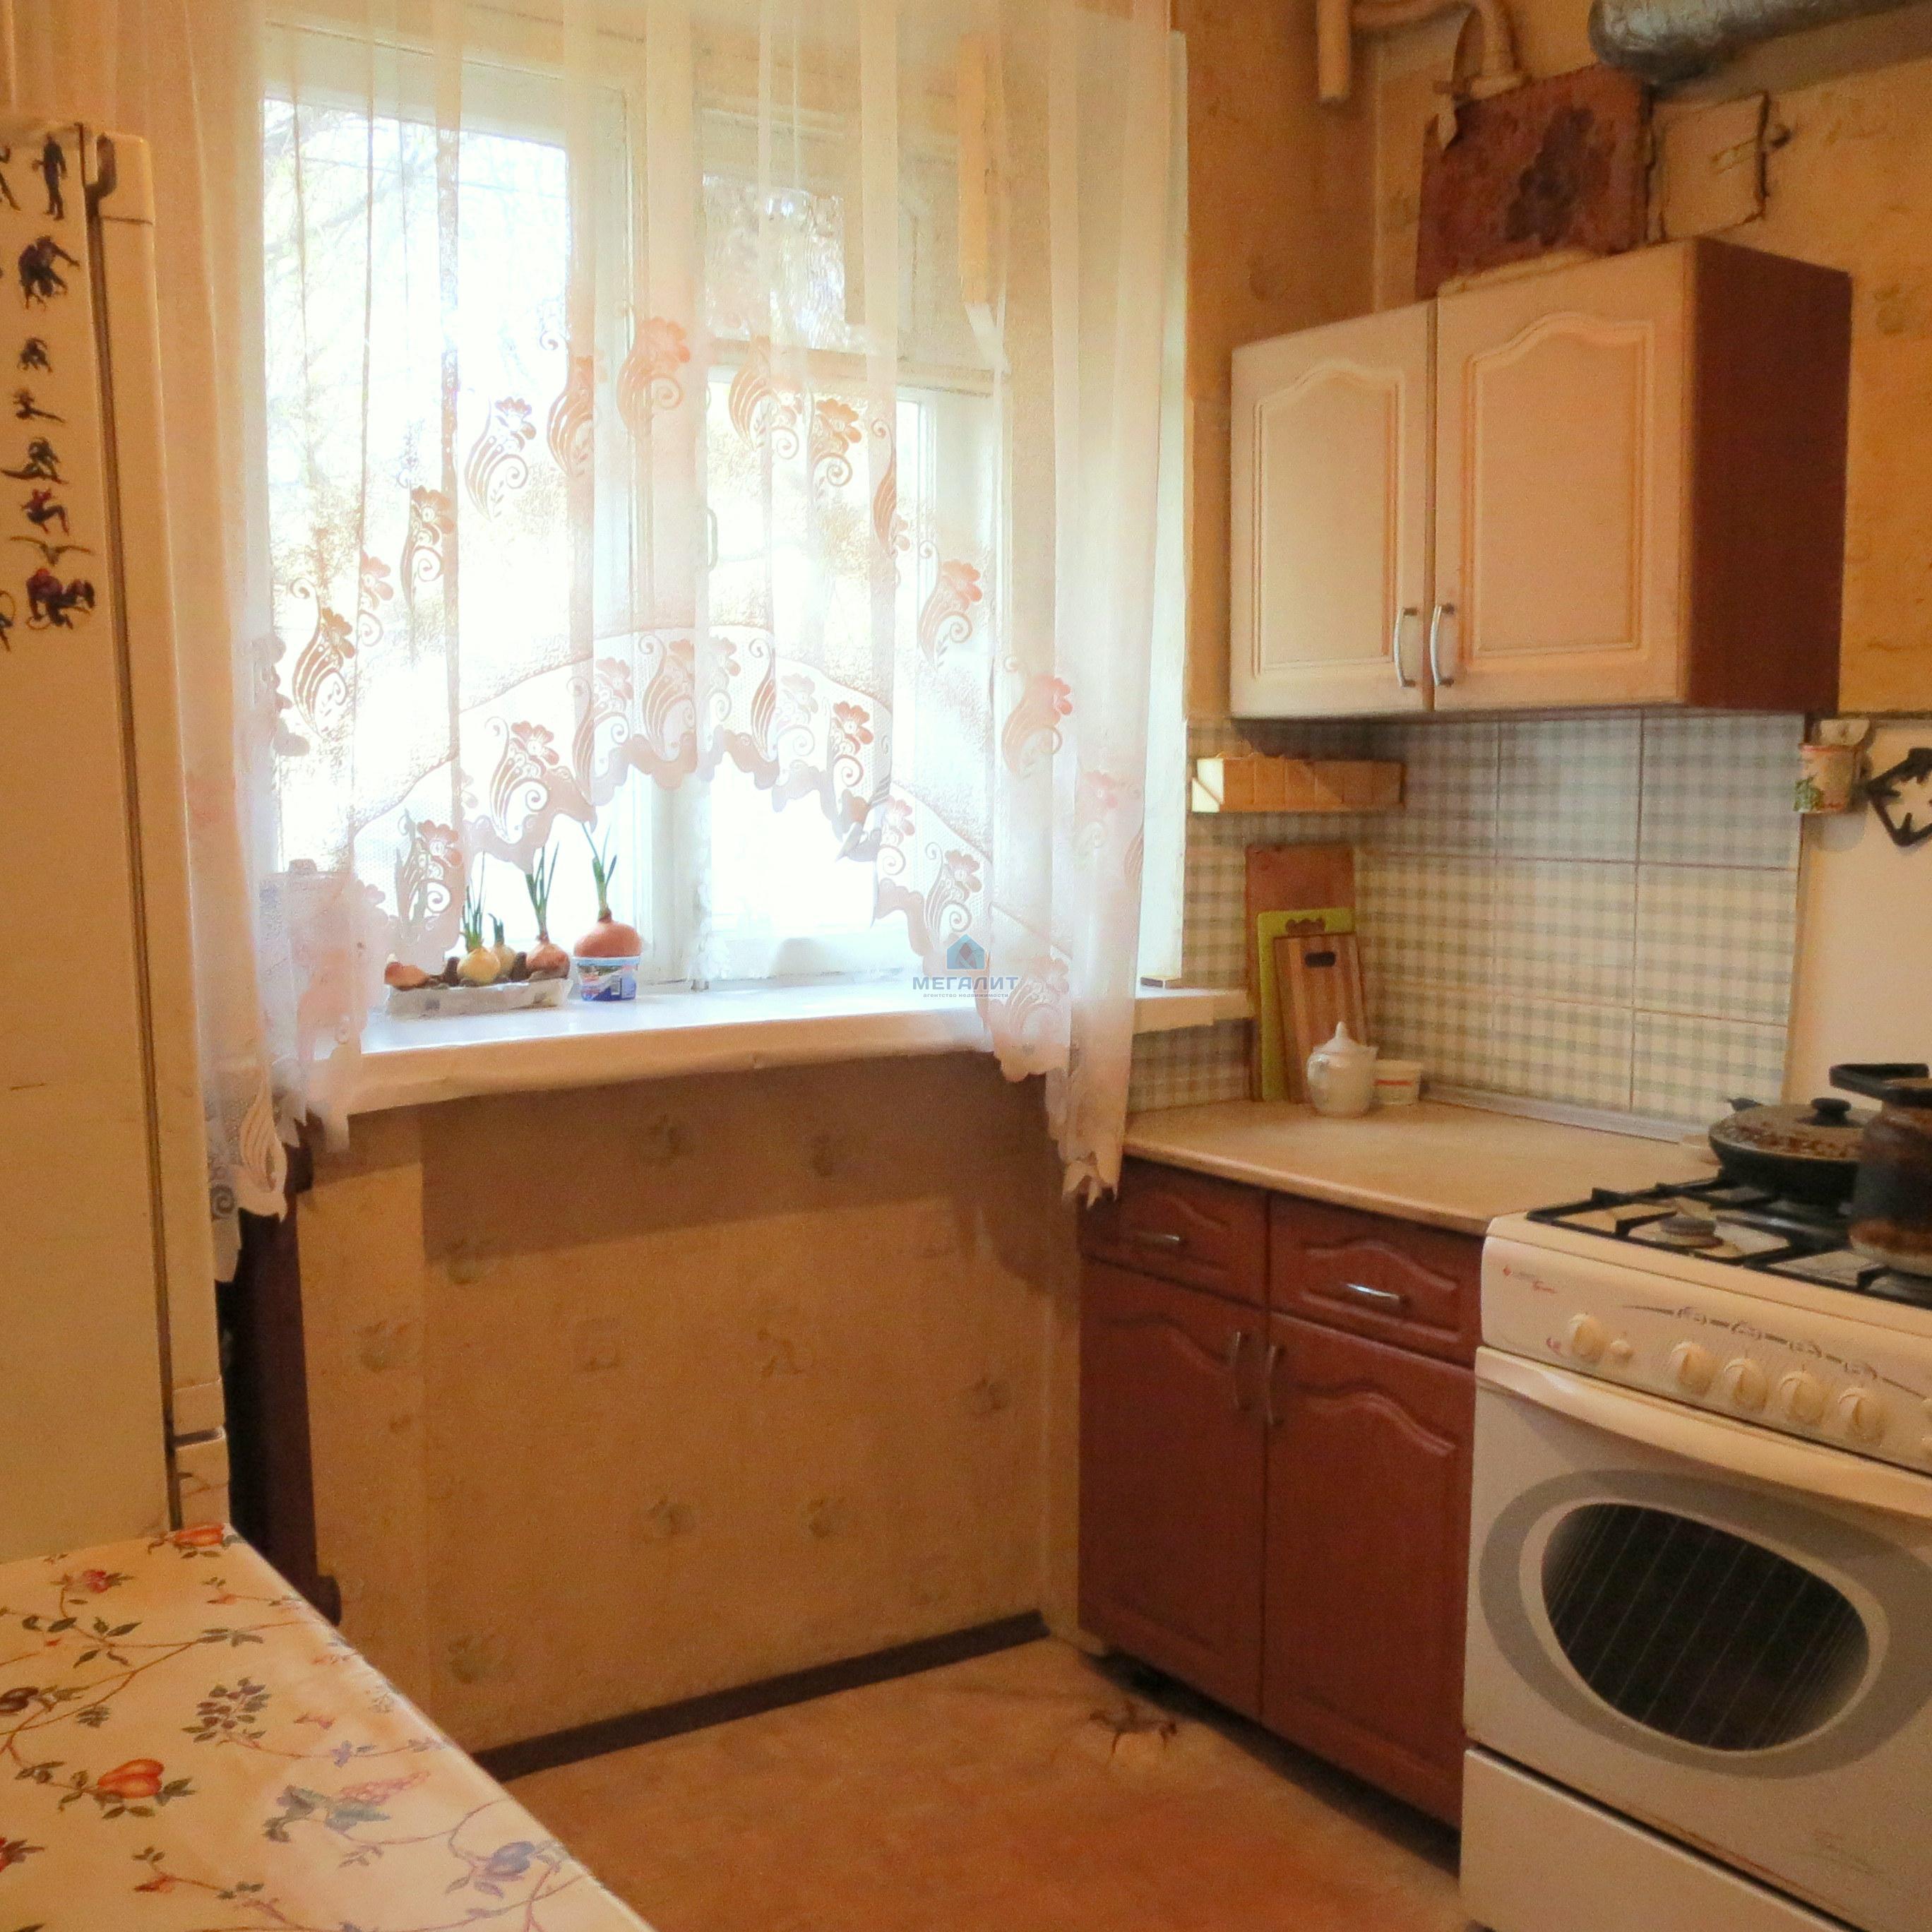 Продажа 3-к квартиры 40-летия Октября 18, 56 м²  (миниатюра №6)